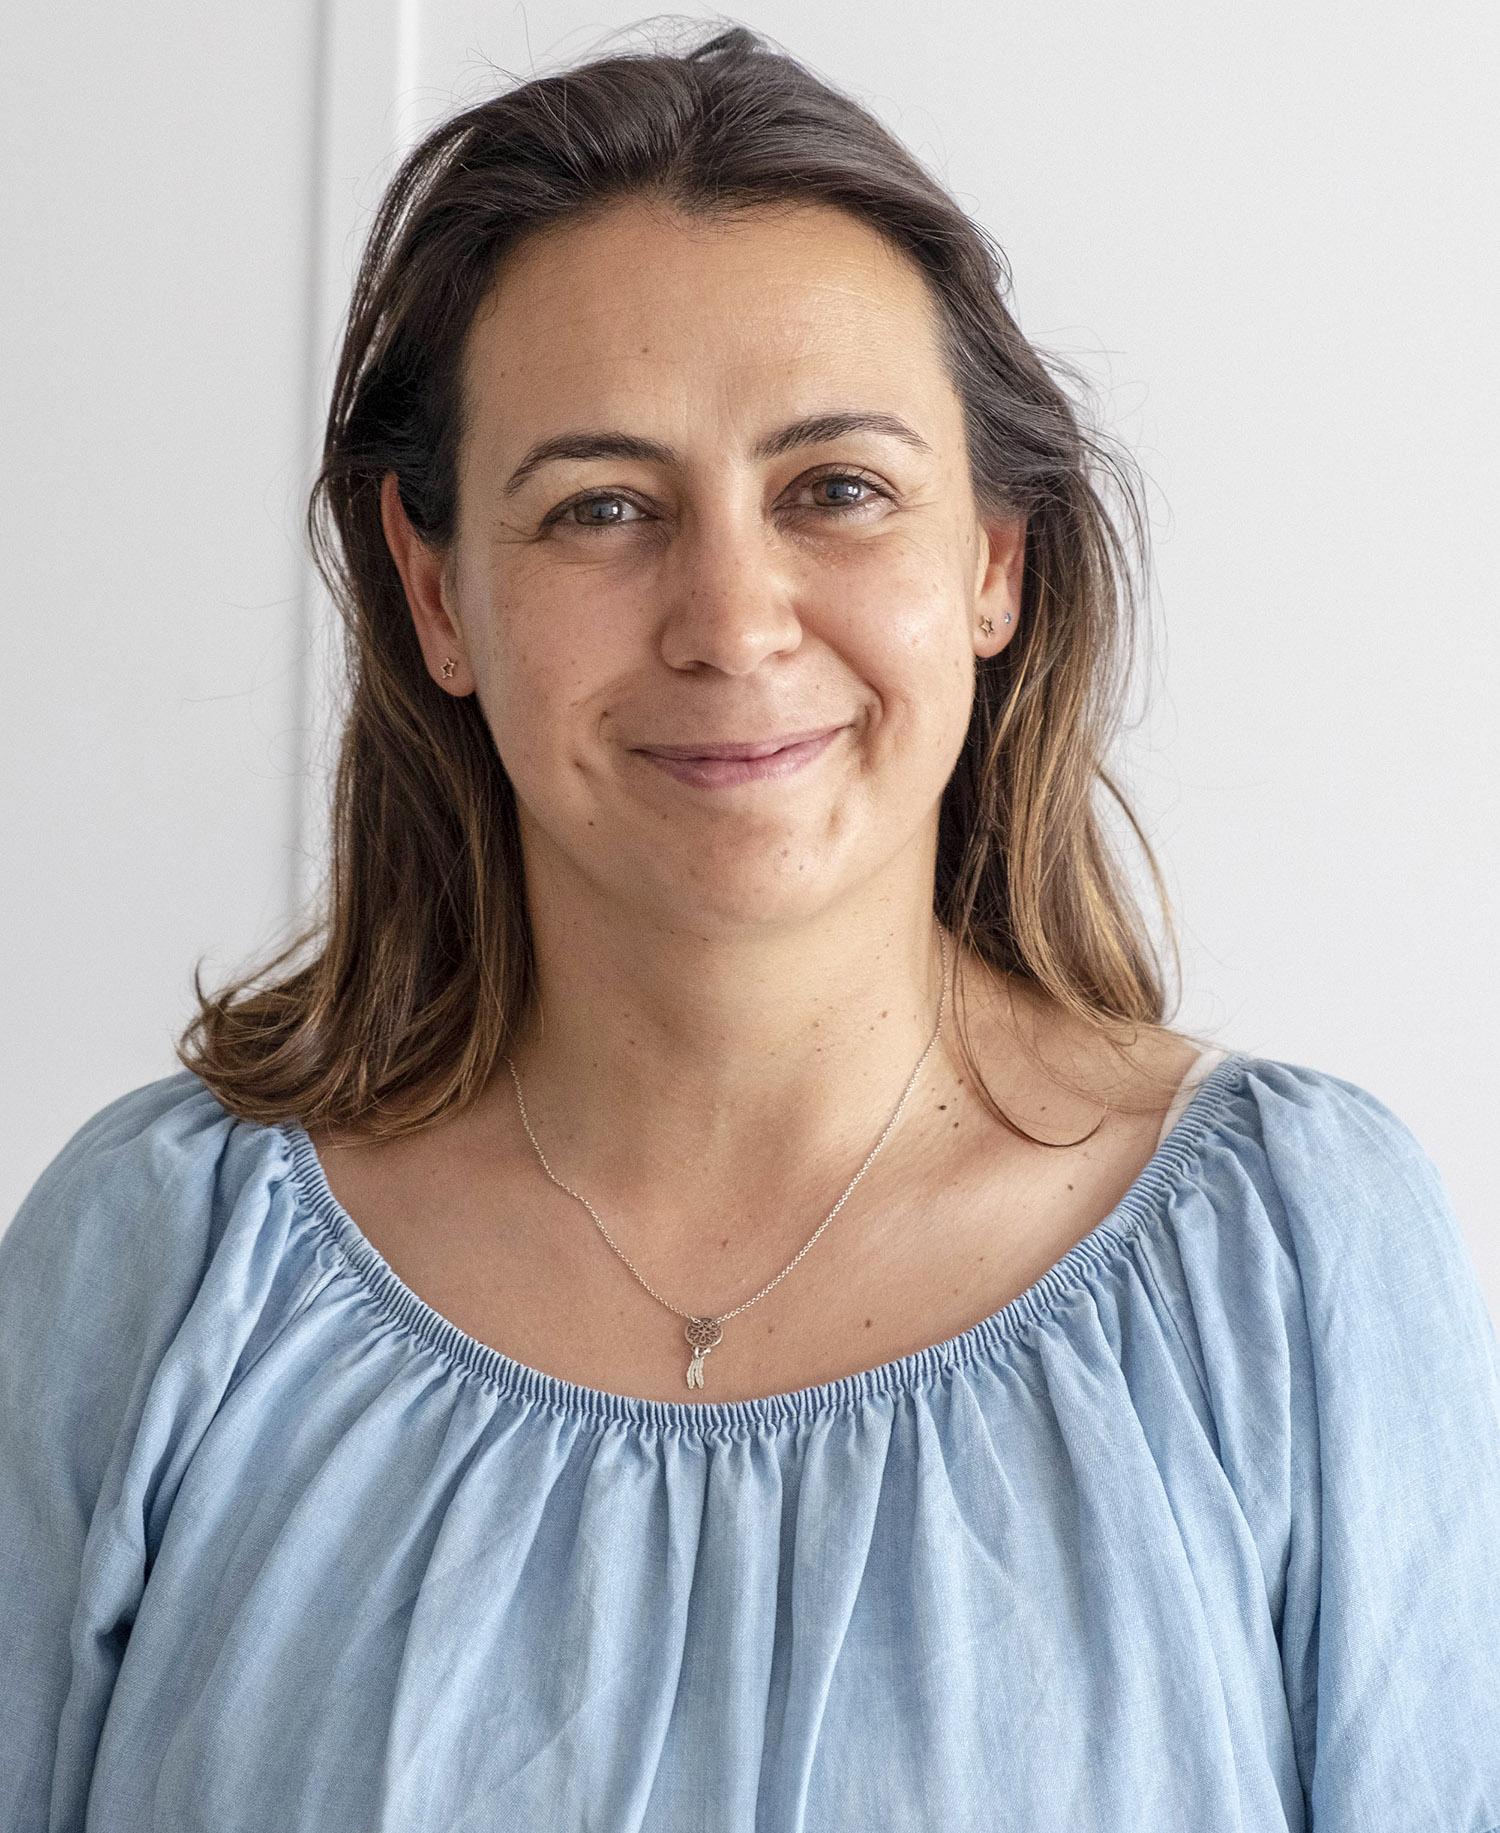 Joana Andrade, coordenadora do Departamento de Conservação Marinha da SPEA, Sociedade Portuguesa para o Estudo das Aves